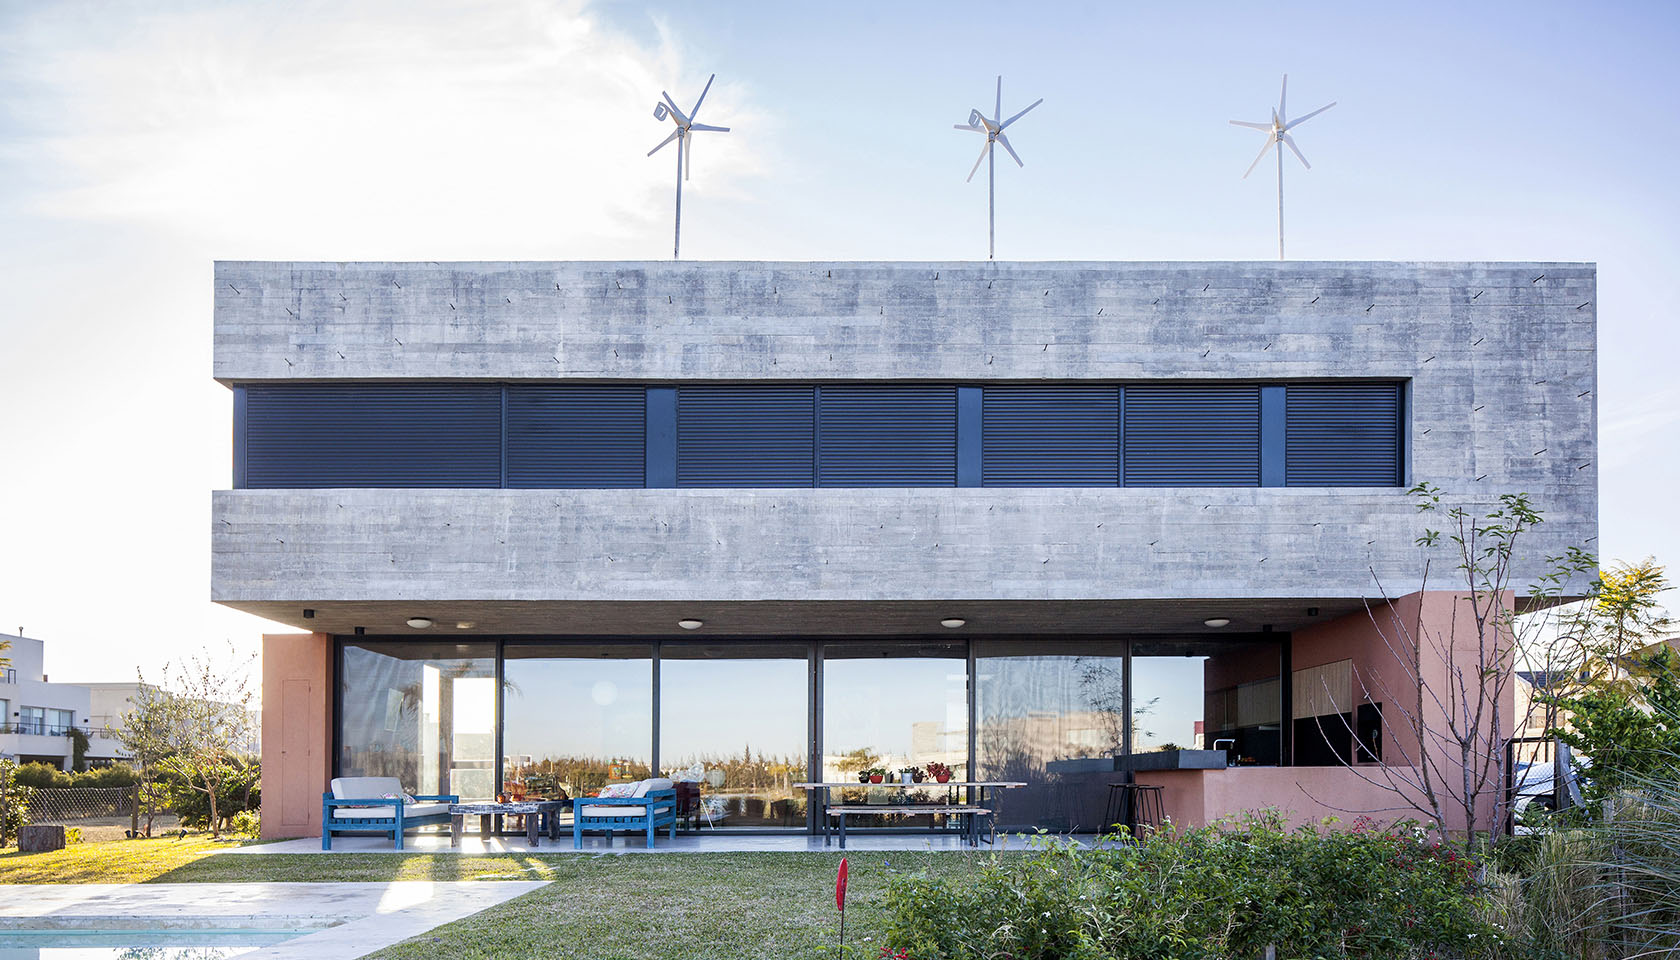 arquitectura sustentable, energías alternativas en casas, grandes aberturas en viviendas